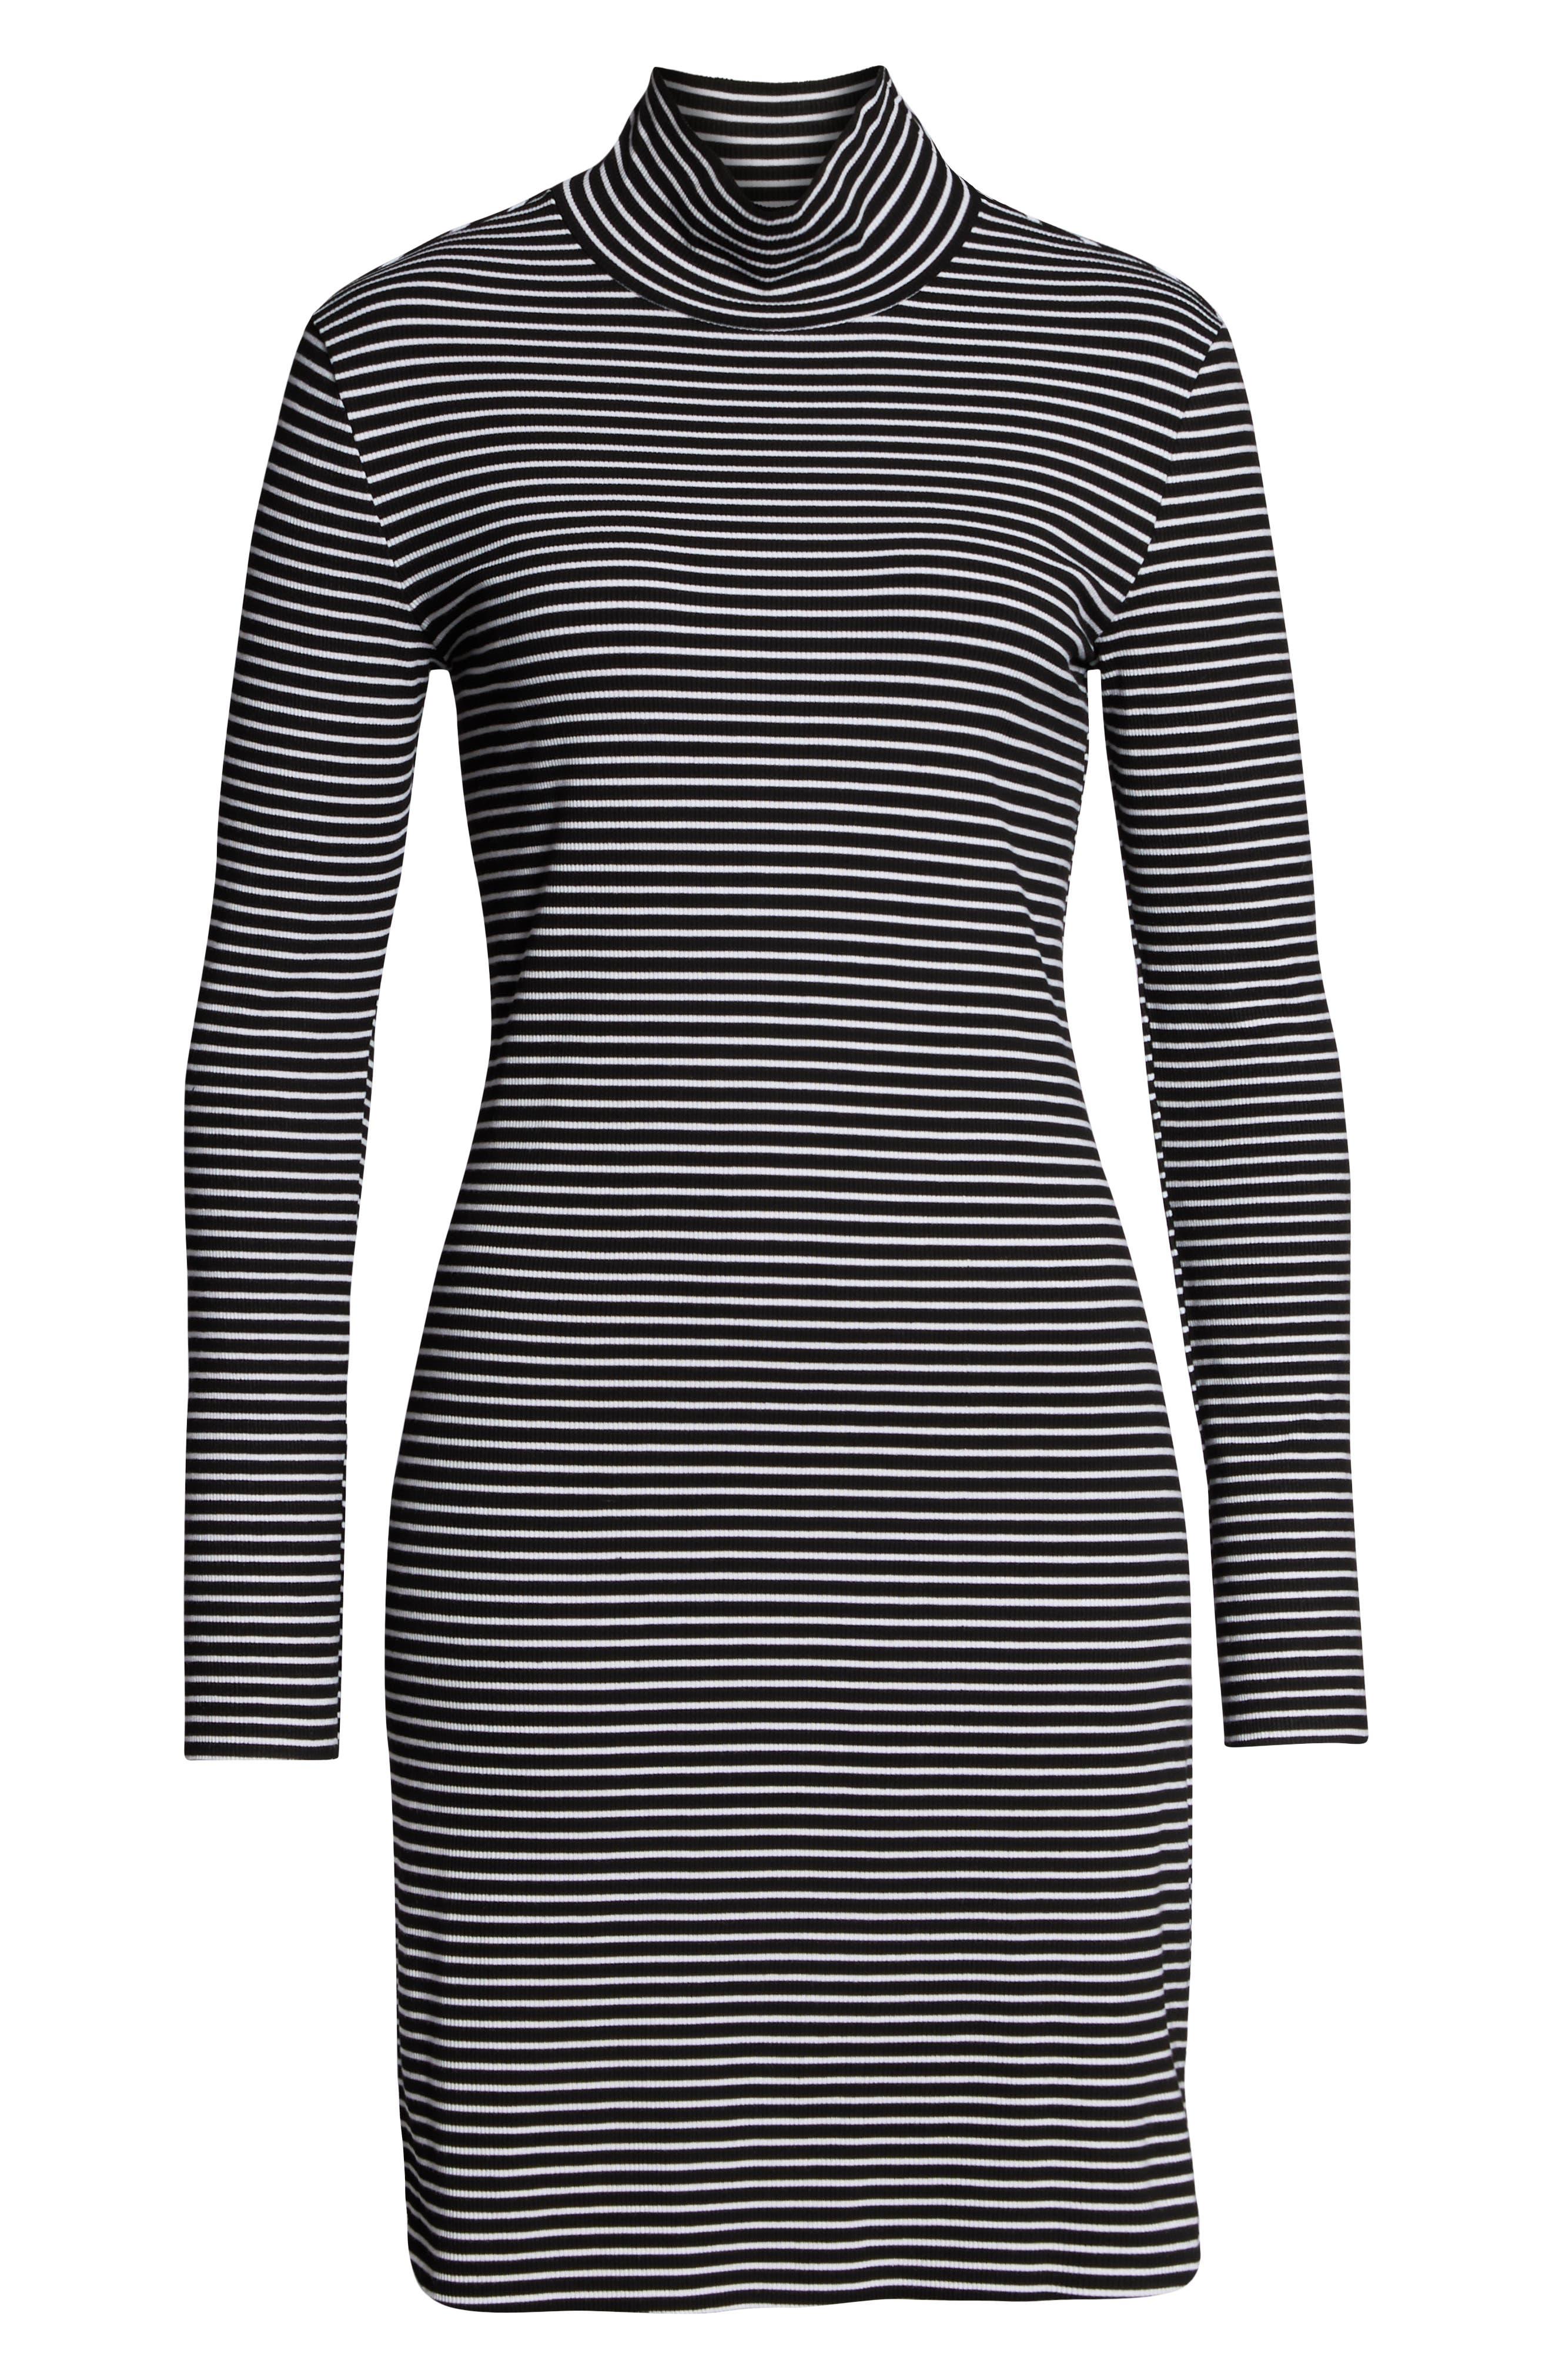 SANCTUARY, Essentials Stripe Mock Neck Dress, Alternate thumbnail 5, color, CLASSIC STRIPE BLACK